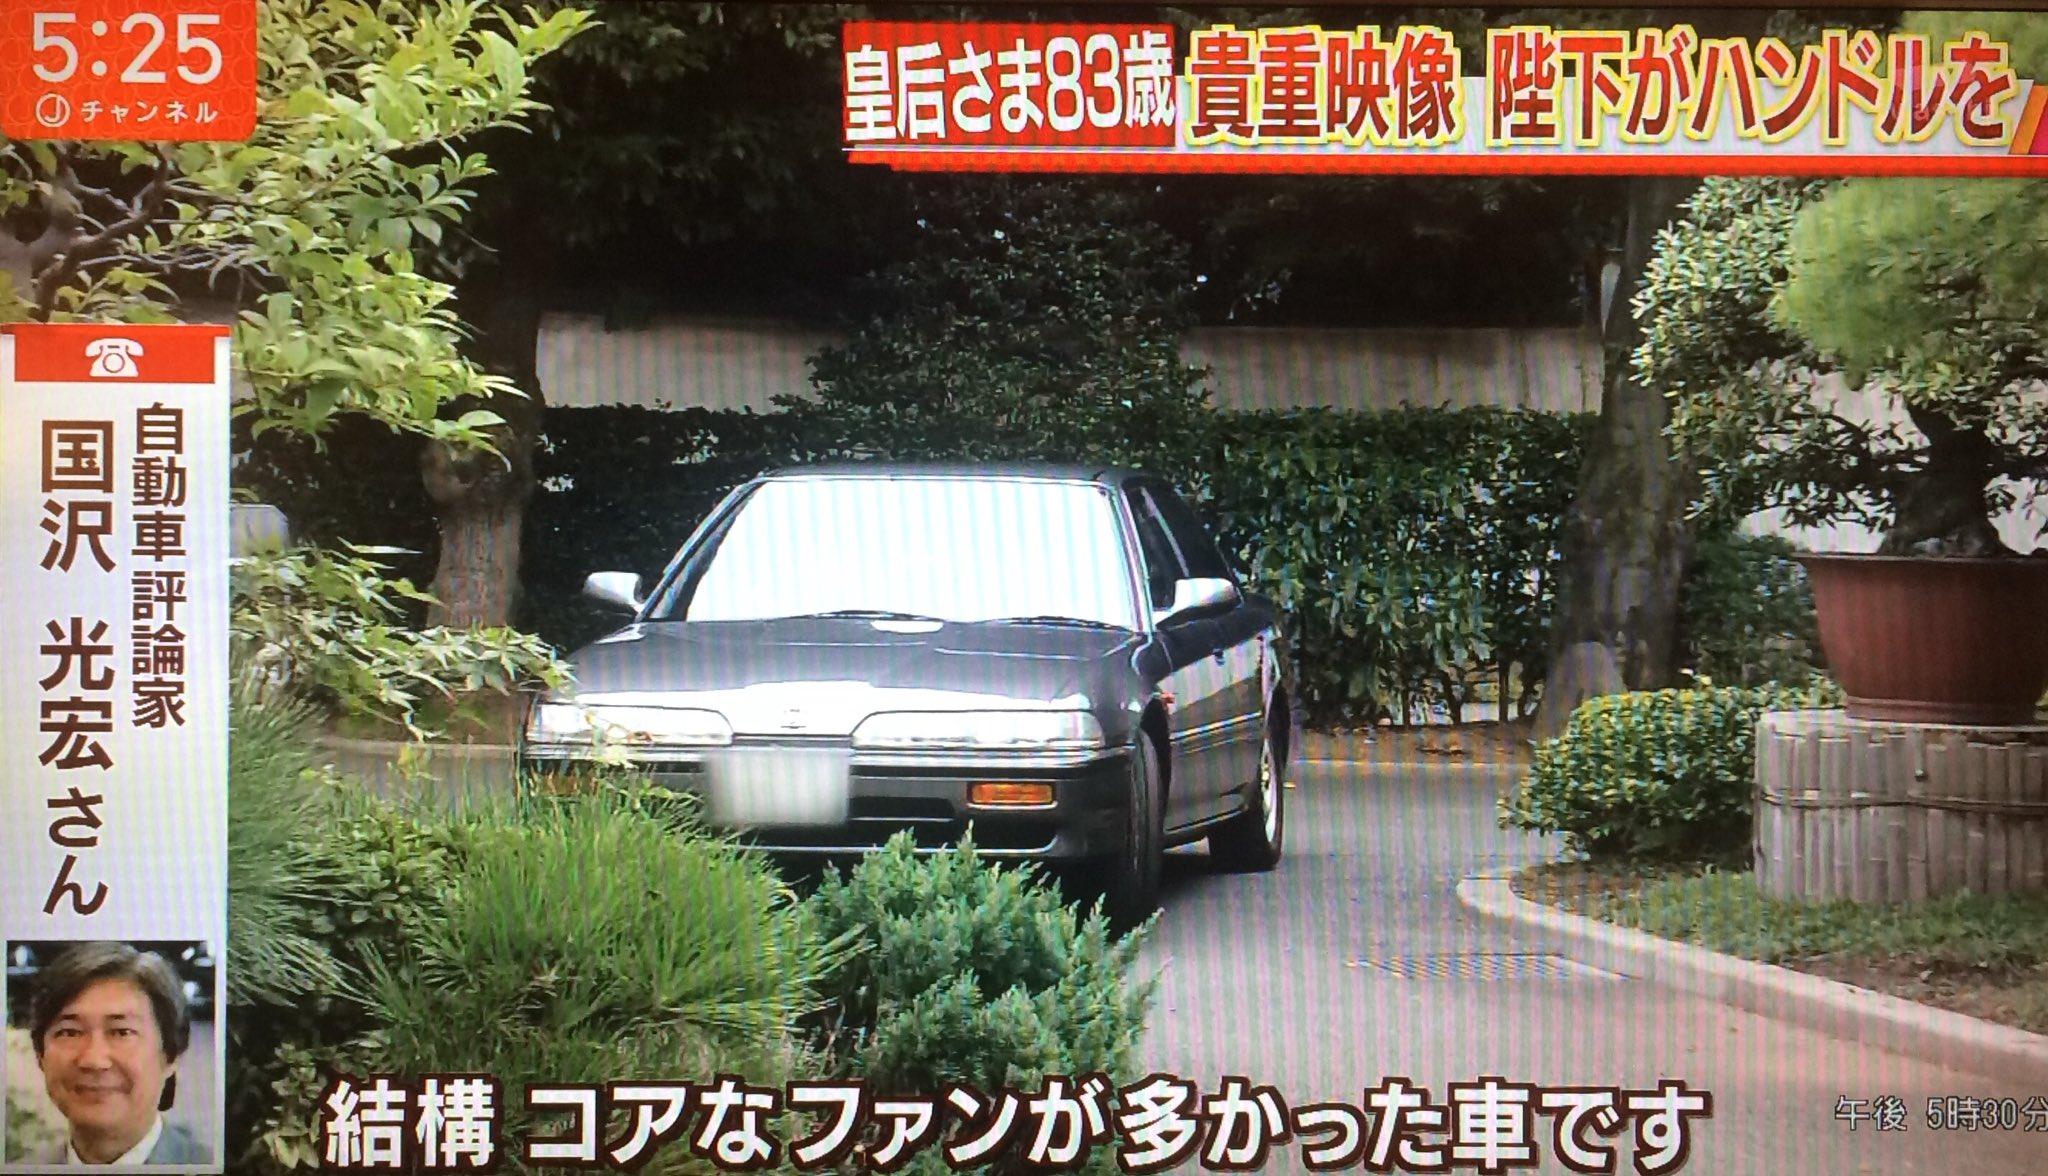 貴重な写真をご覧くださいwww運転をされているのは天皇陛下ですwww